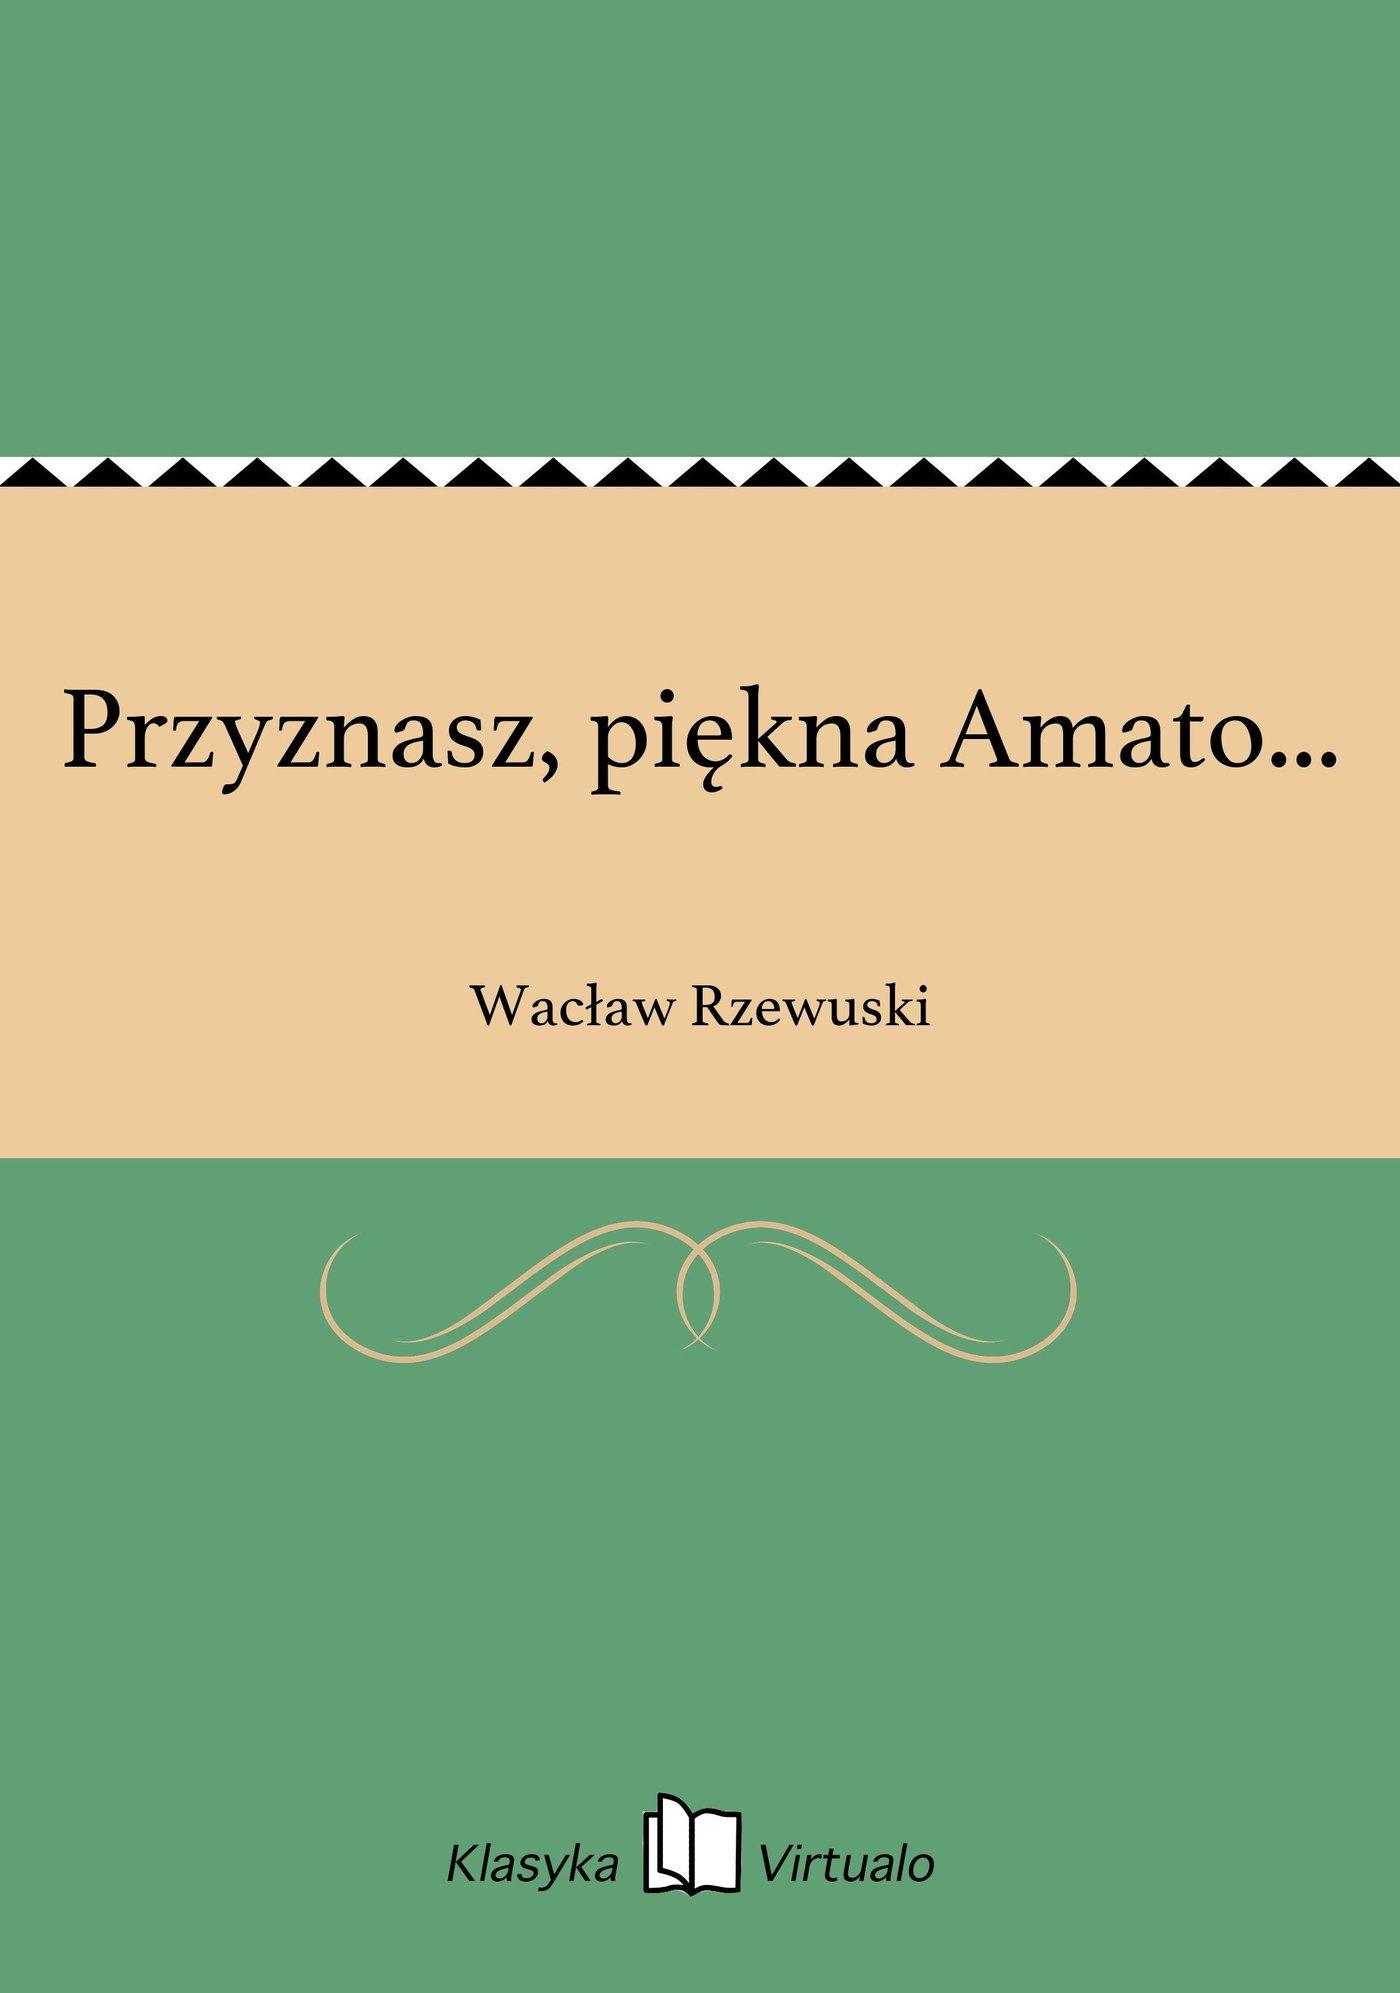 Przyznasz, piękna Amato... - Ebook (Książka EPUB) do pobrania w formacie EPUB